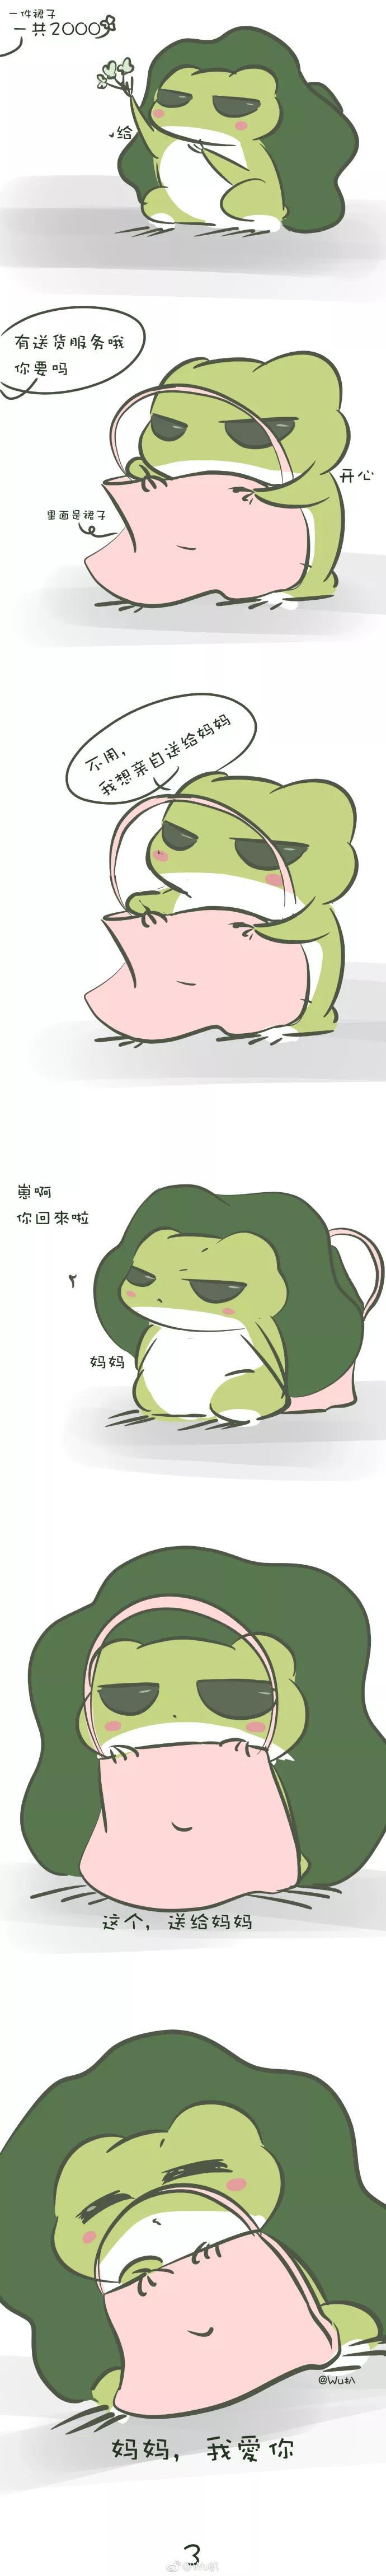 10_爱奇艺.jpg